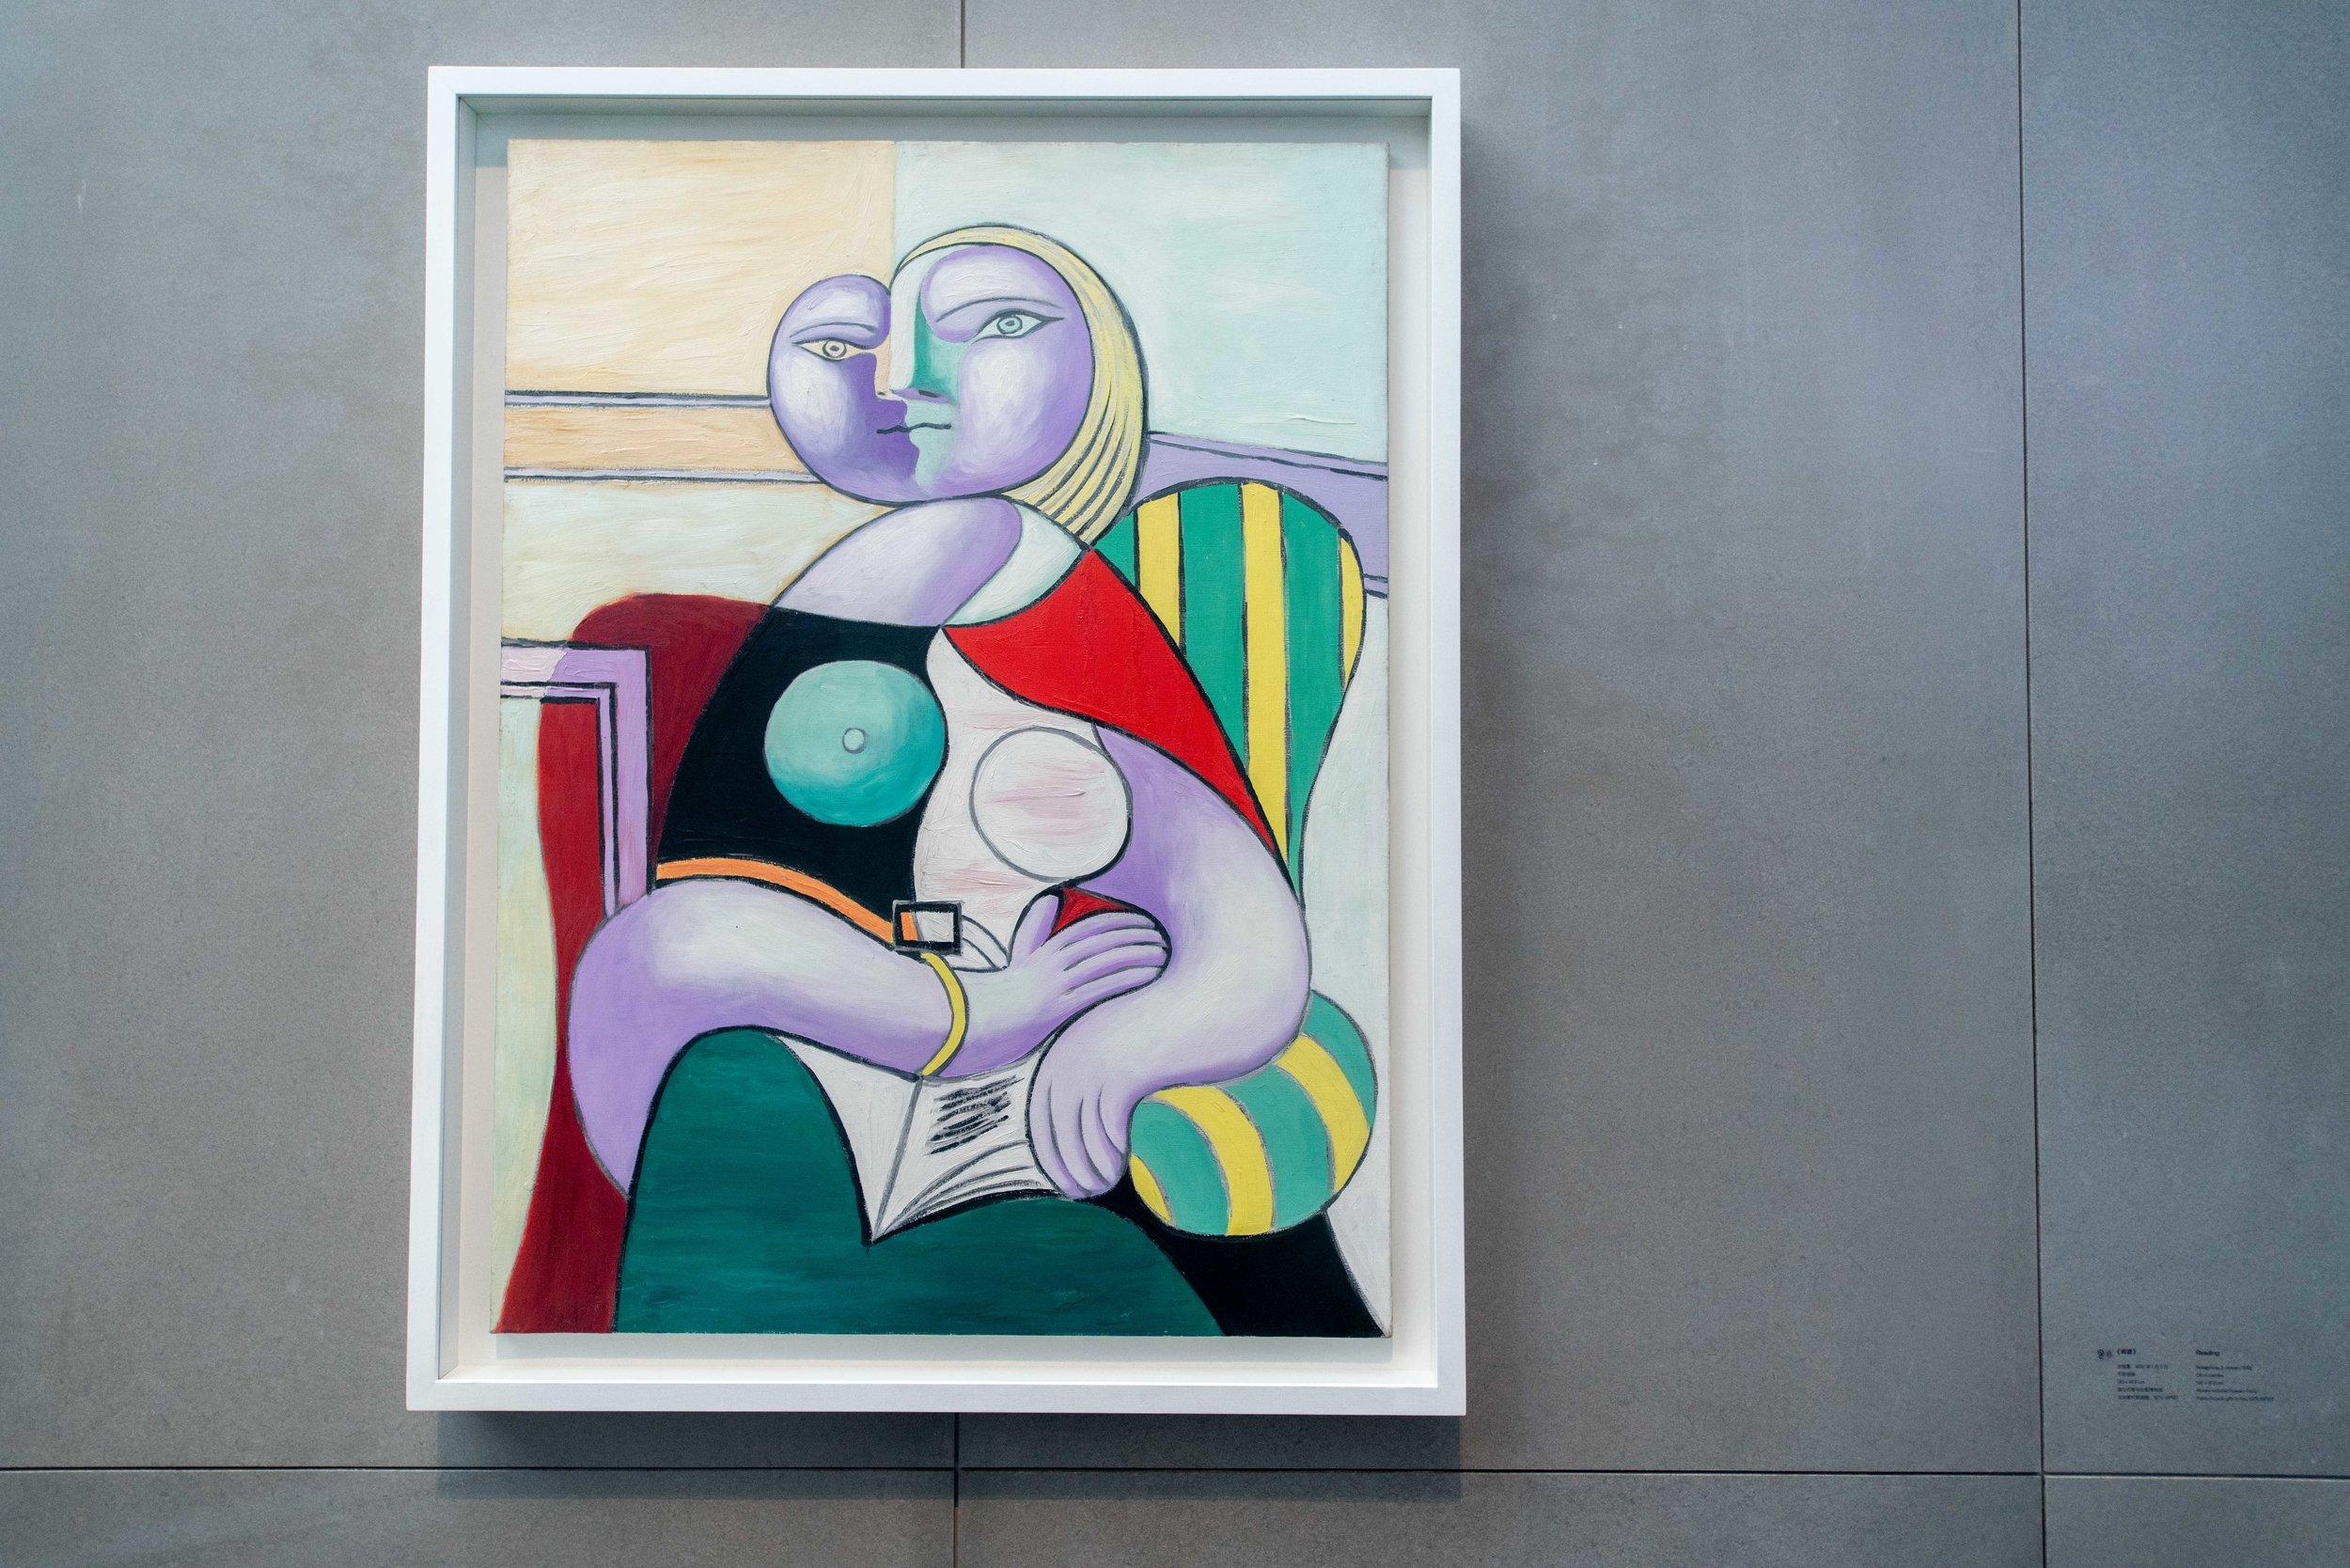 La Lecture   Boisgeloup, 2 Janvier 1932 Huile sur toile 130 x 97,5cm Musée national Picasso-Paris © Succession Picasso 2019